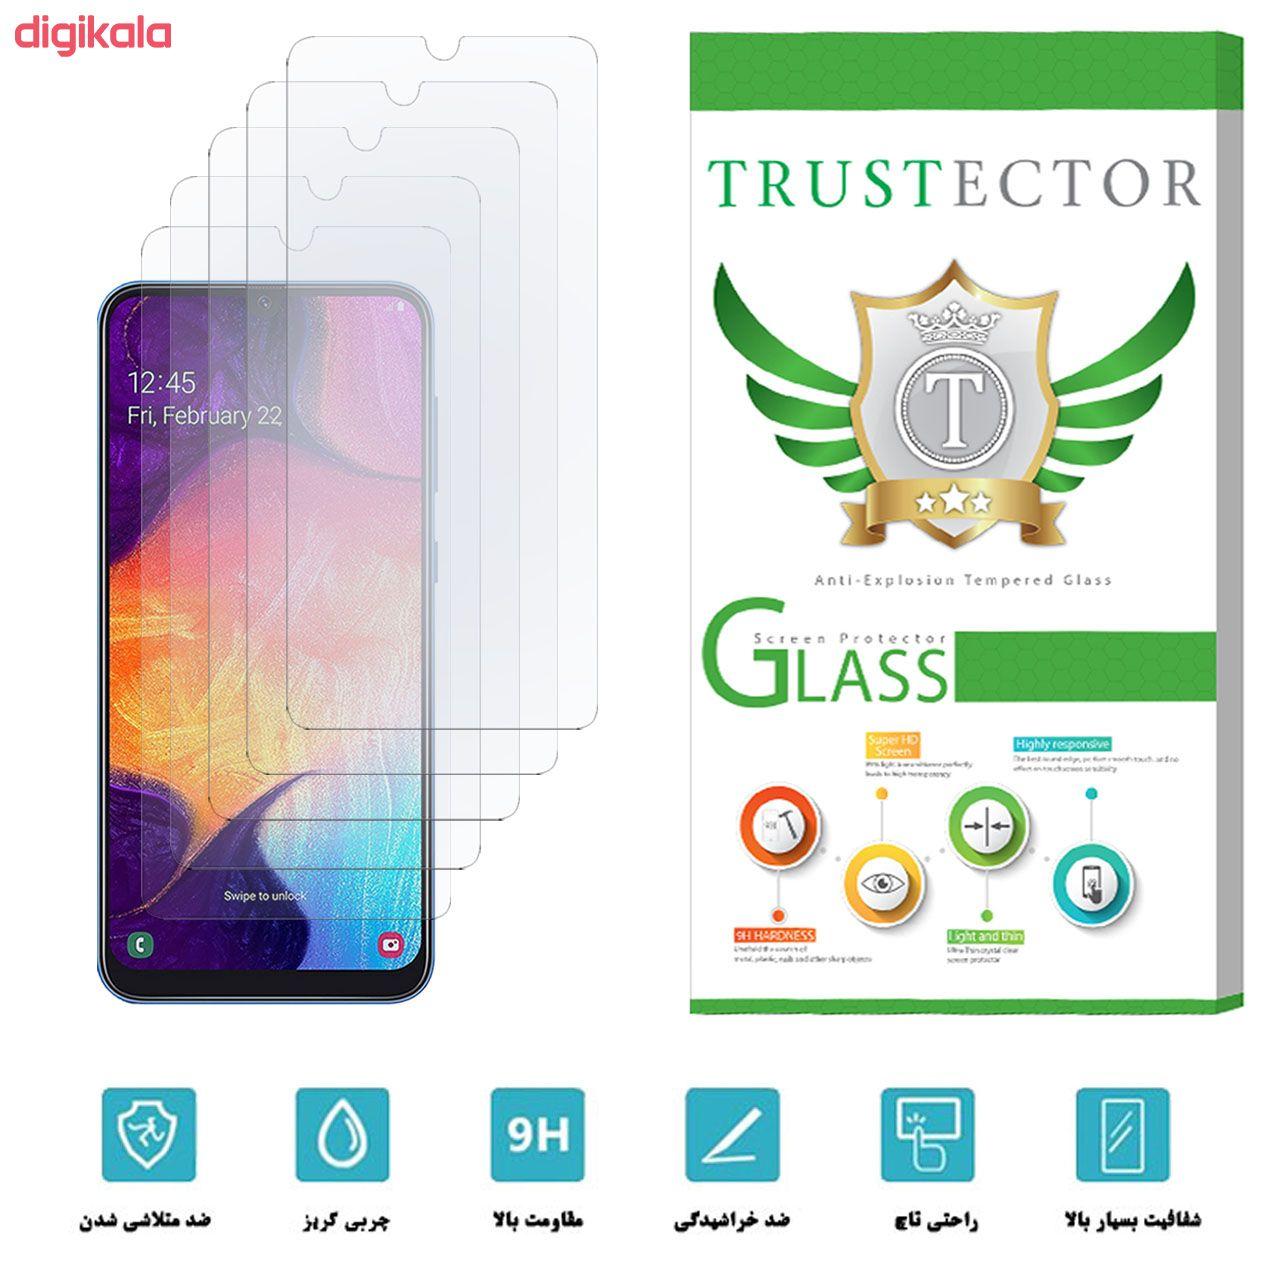 محافظ صفحه نمایش تراستکتور مدل GLS مناسب برای گوشی موبایل سامسونگ Galaxy A50 بسته 5 عددی main 1 9